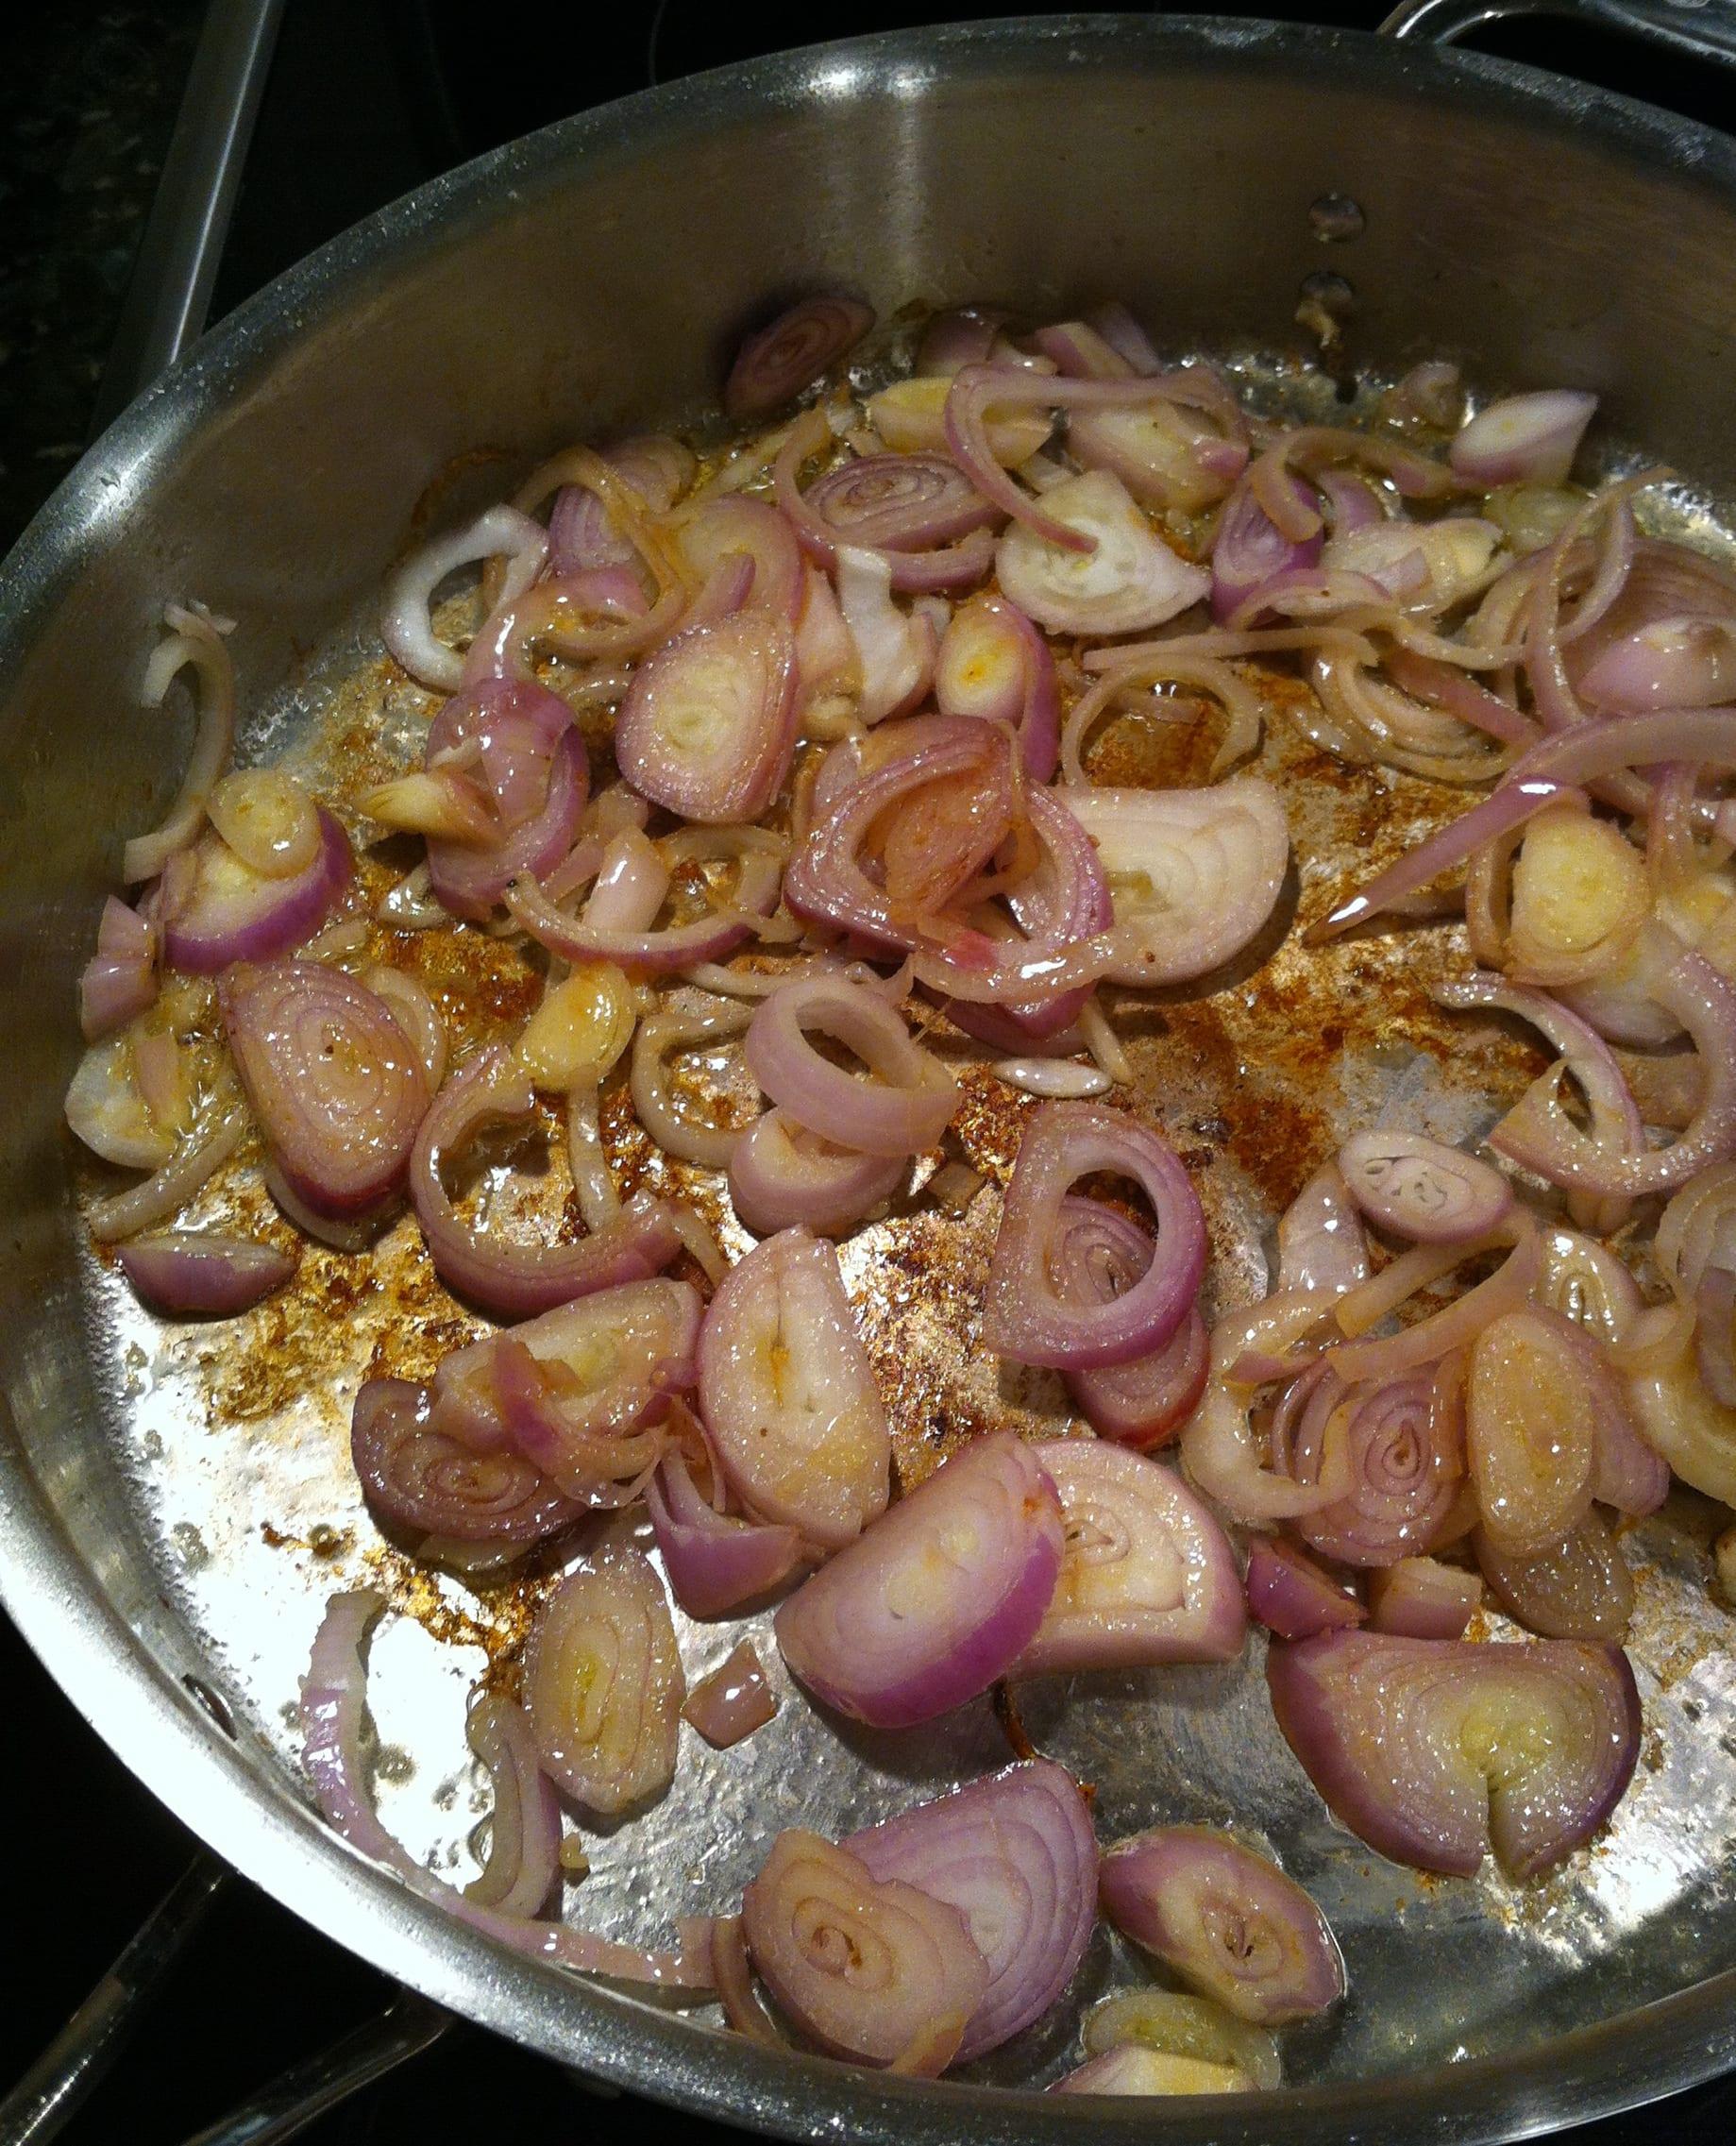 shallots cooking